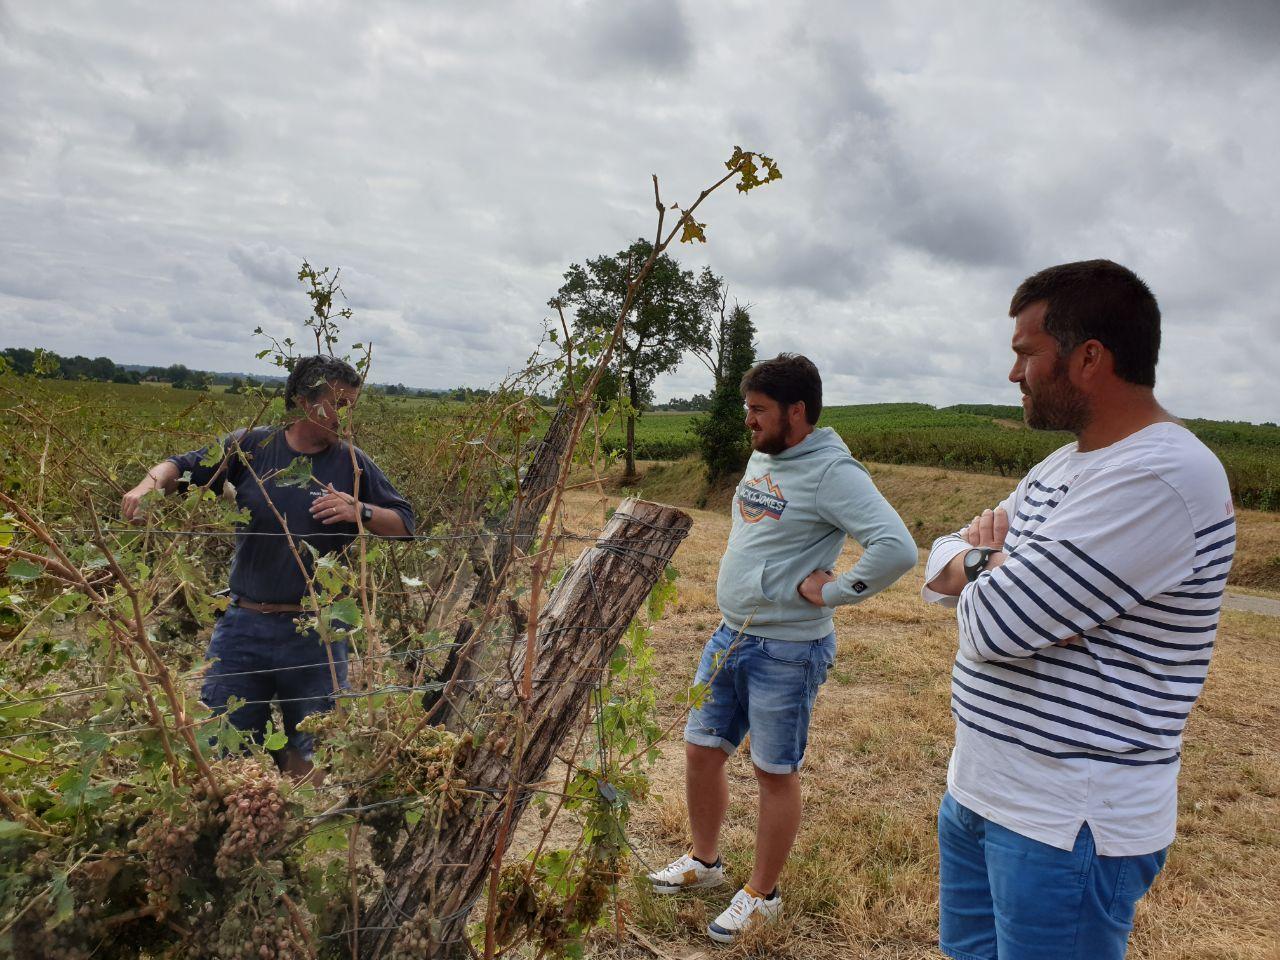 Visite en urgence auprès des viticulteurs gersois touchés par la grêle